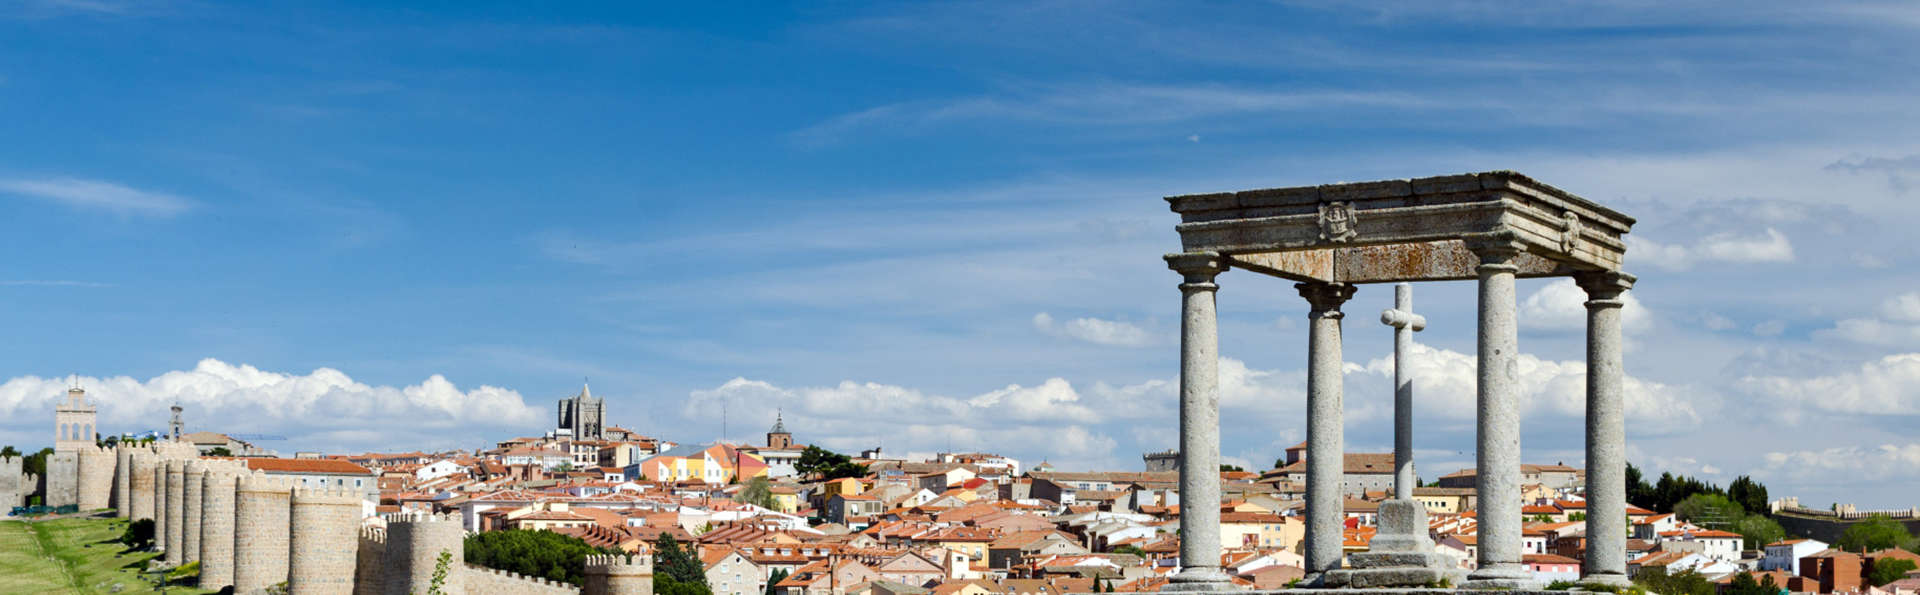 Offre exclusive : Escapade à Ávila avec dîner romantique et parking